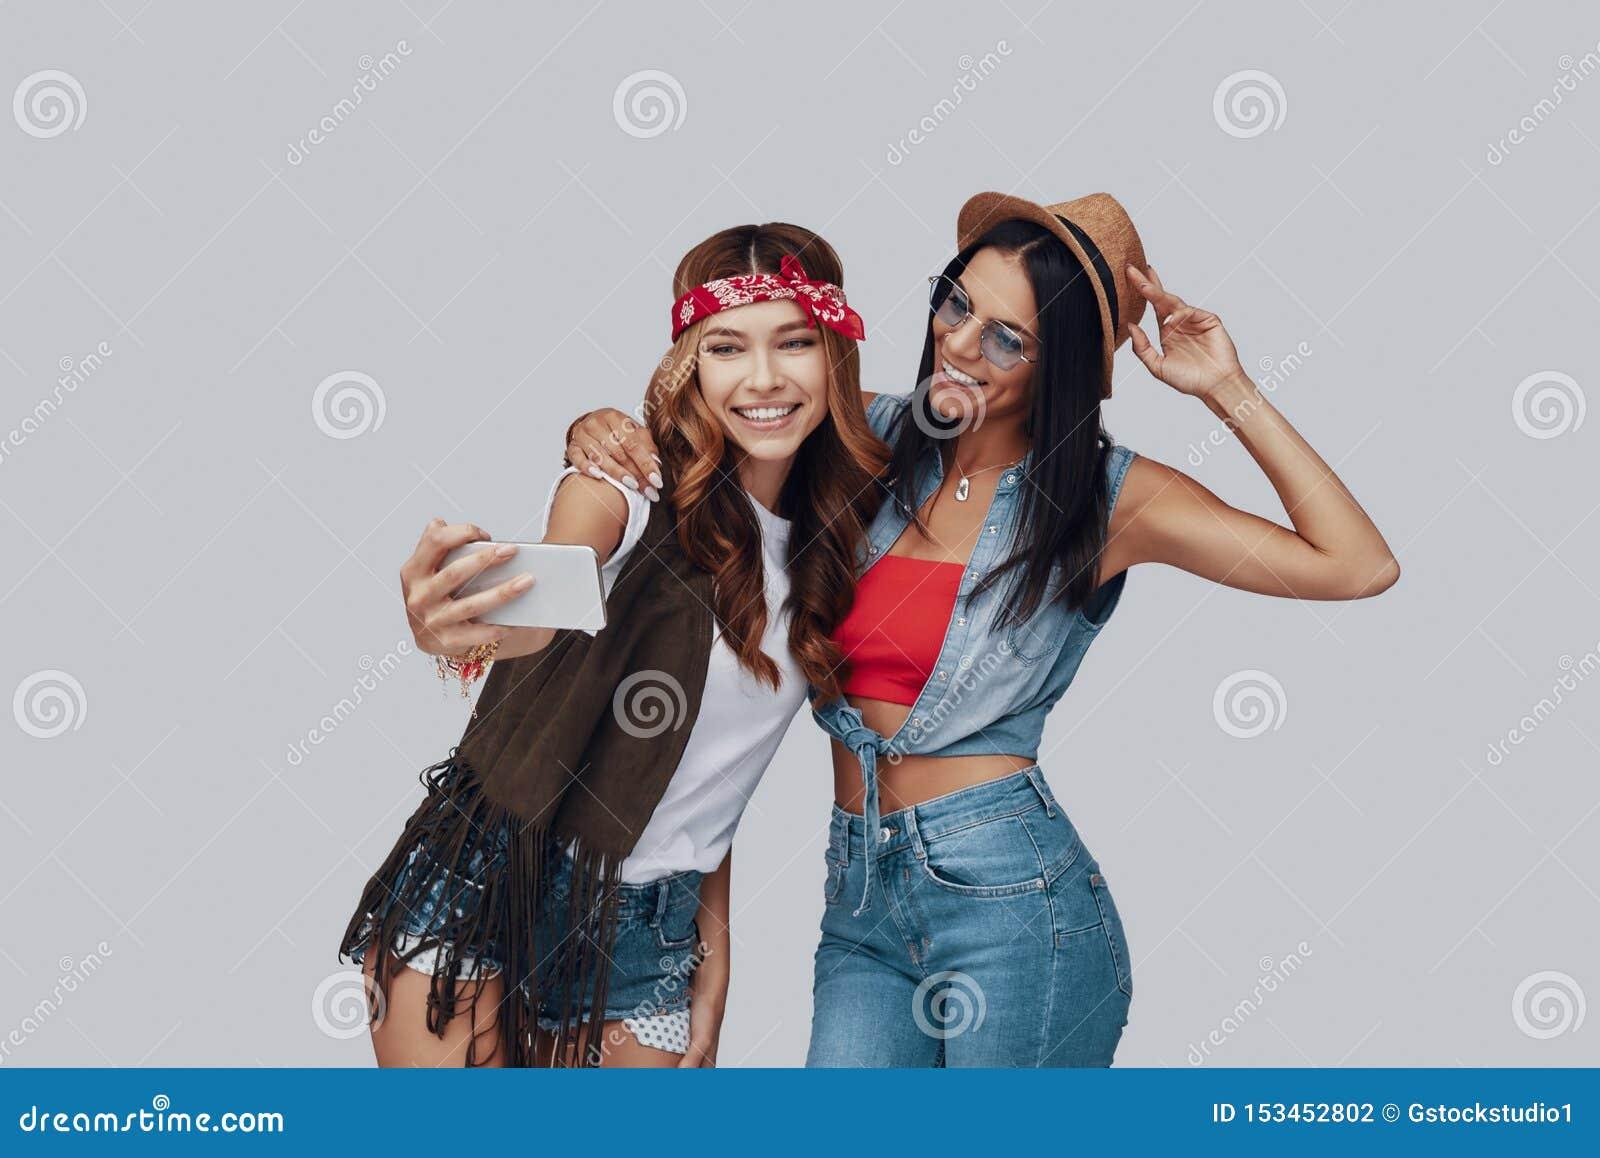 Zwei attraktive stilvolle junge Frauen